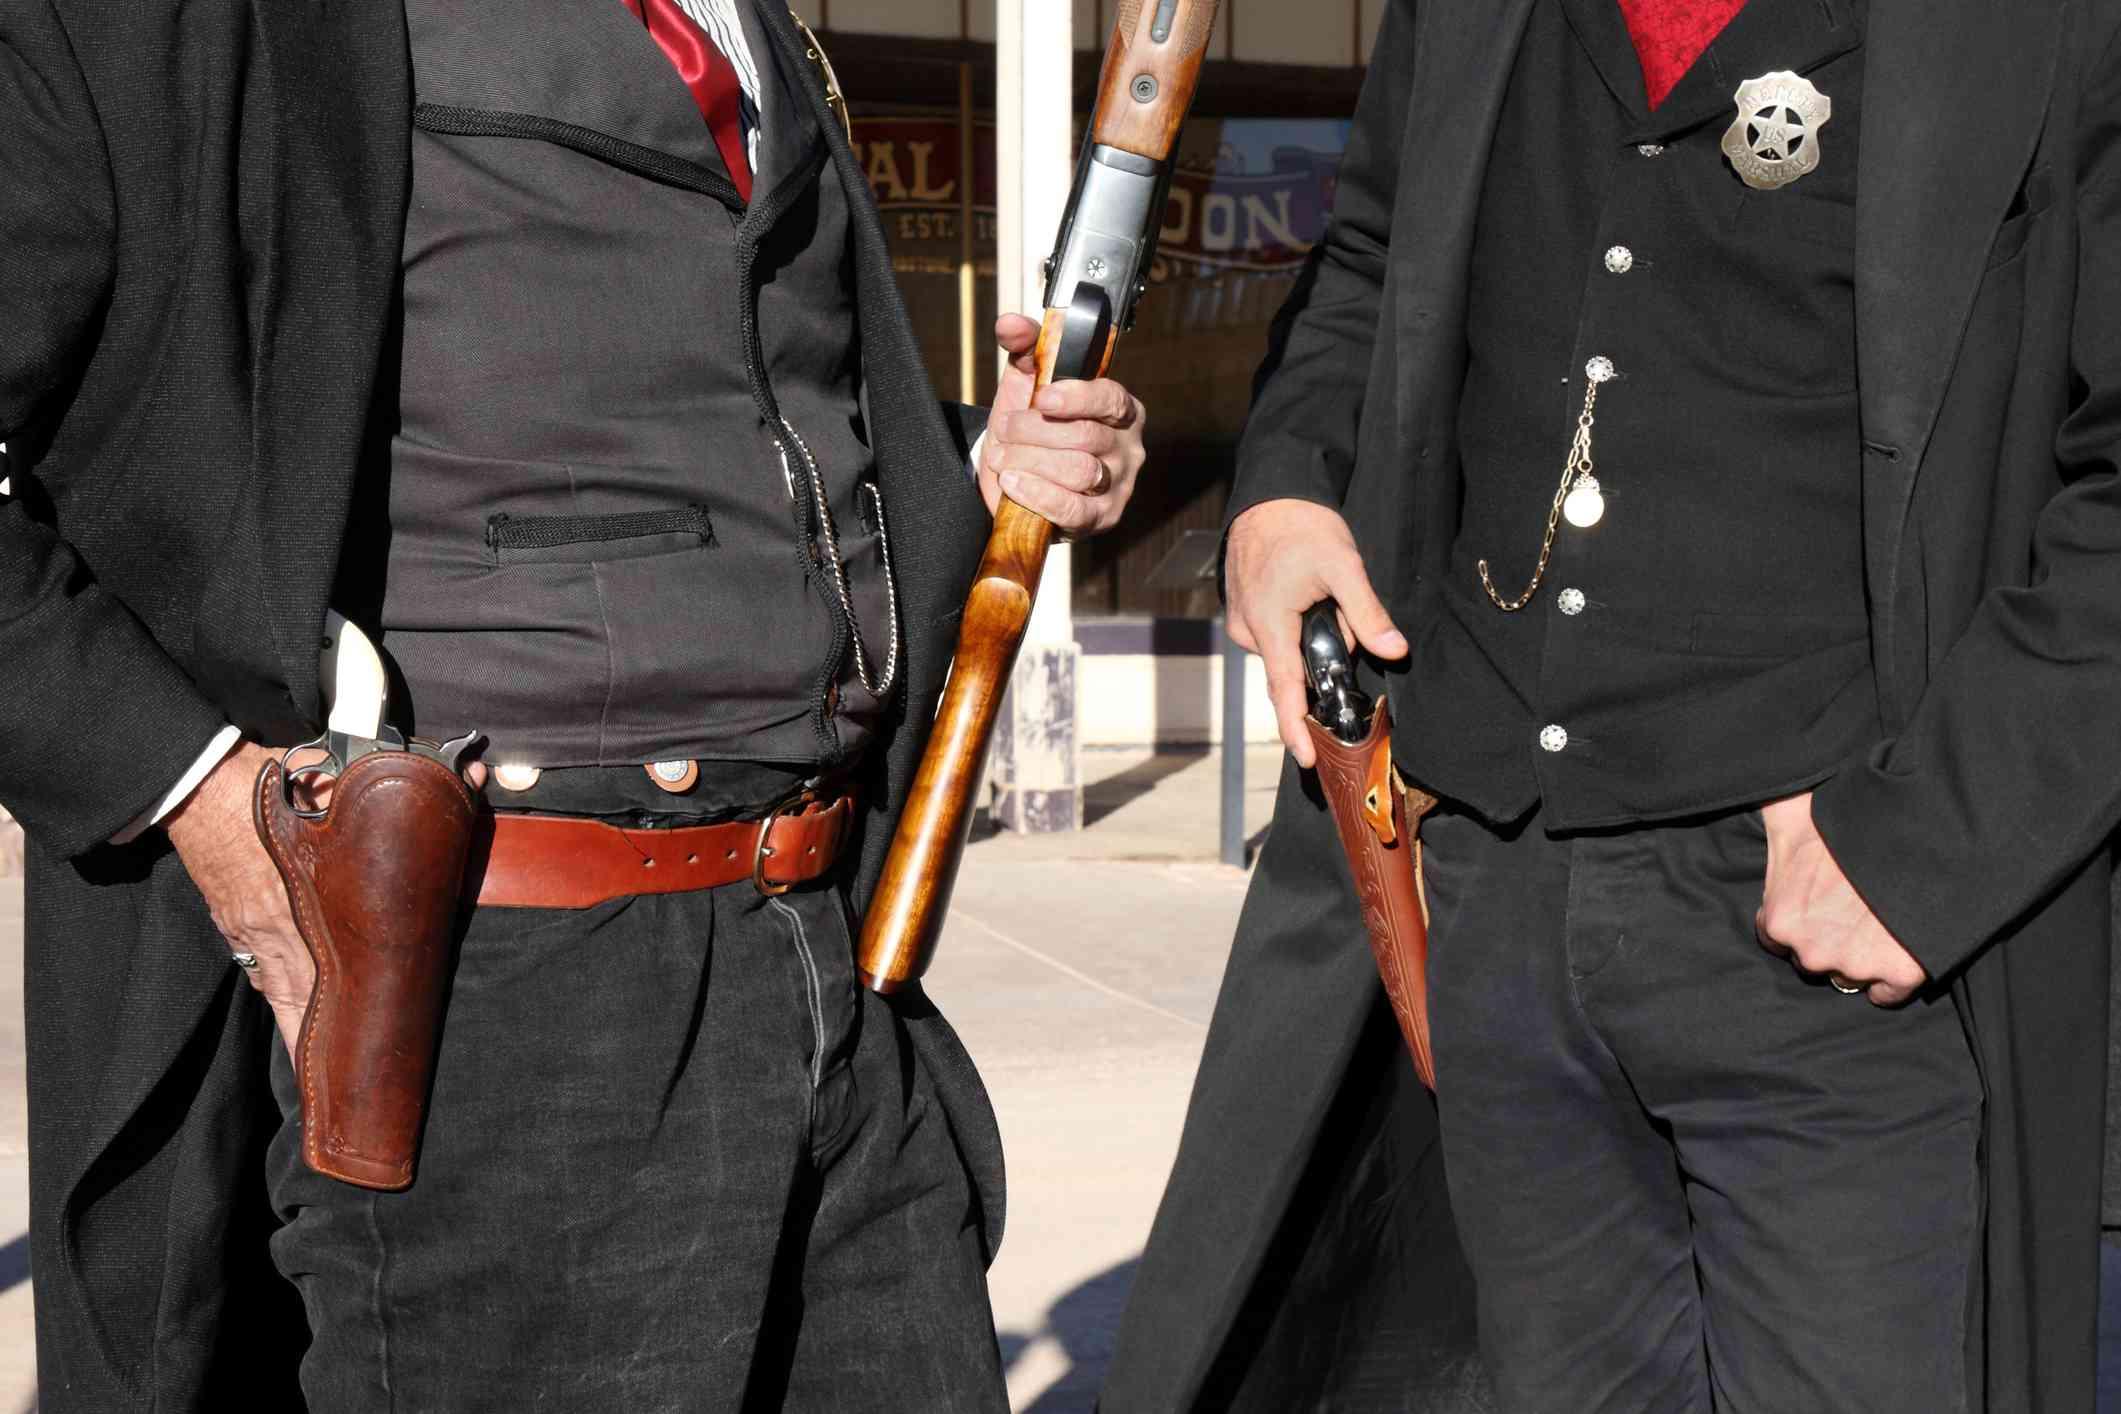 deputies in Tombstone